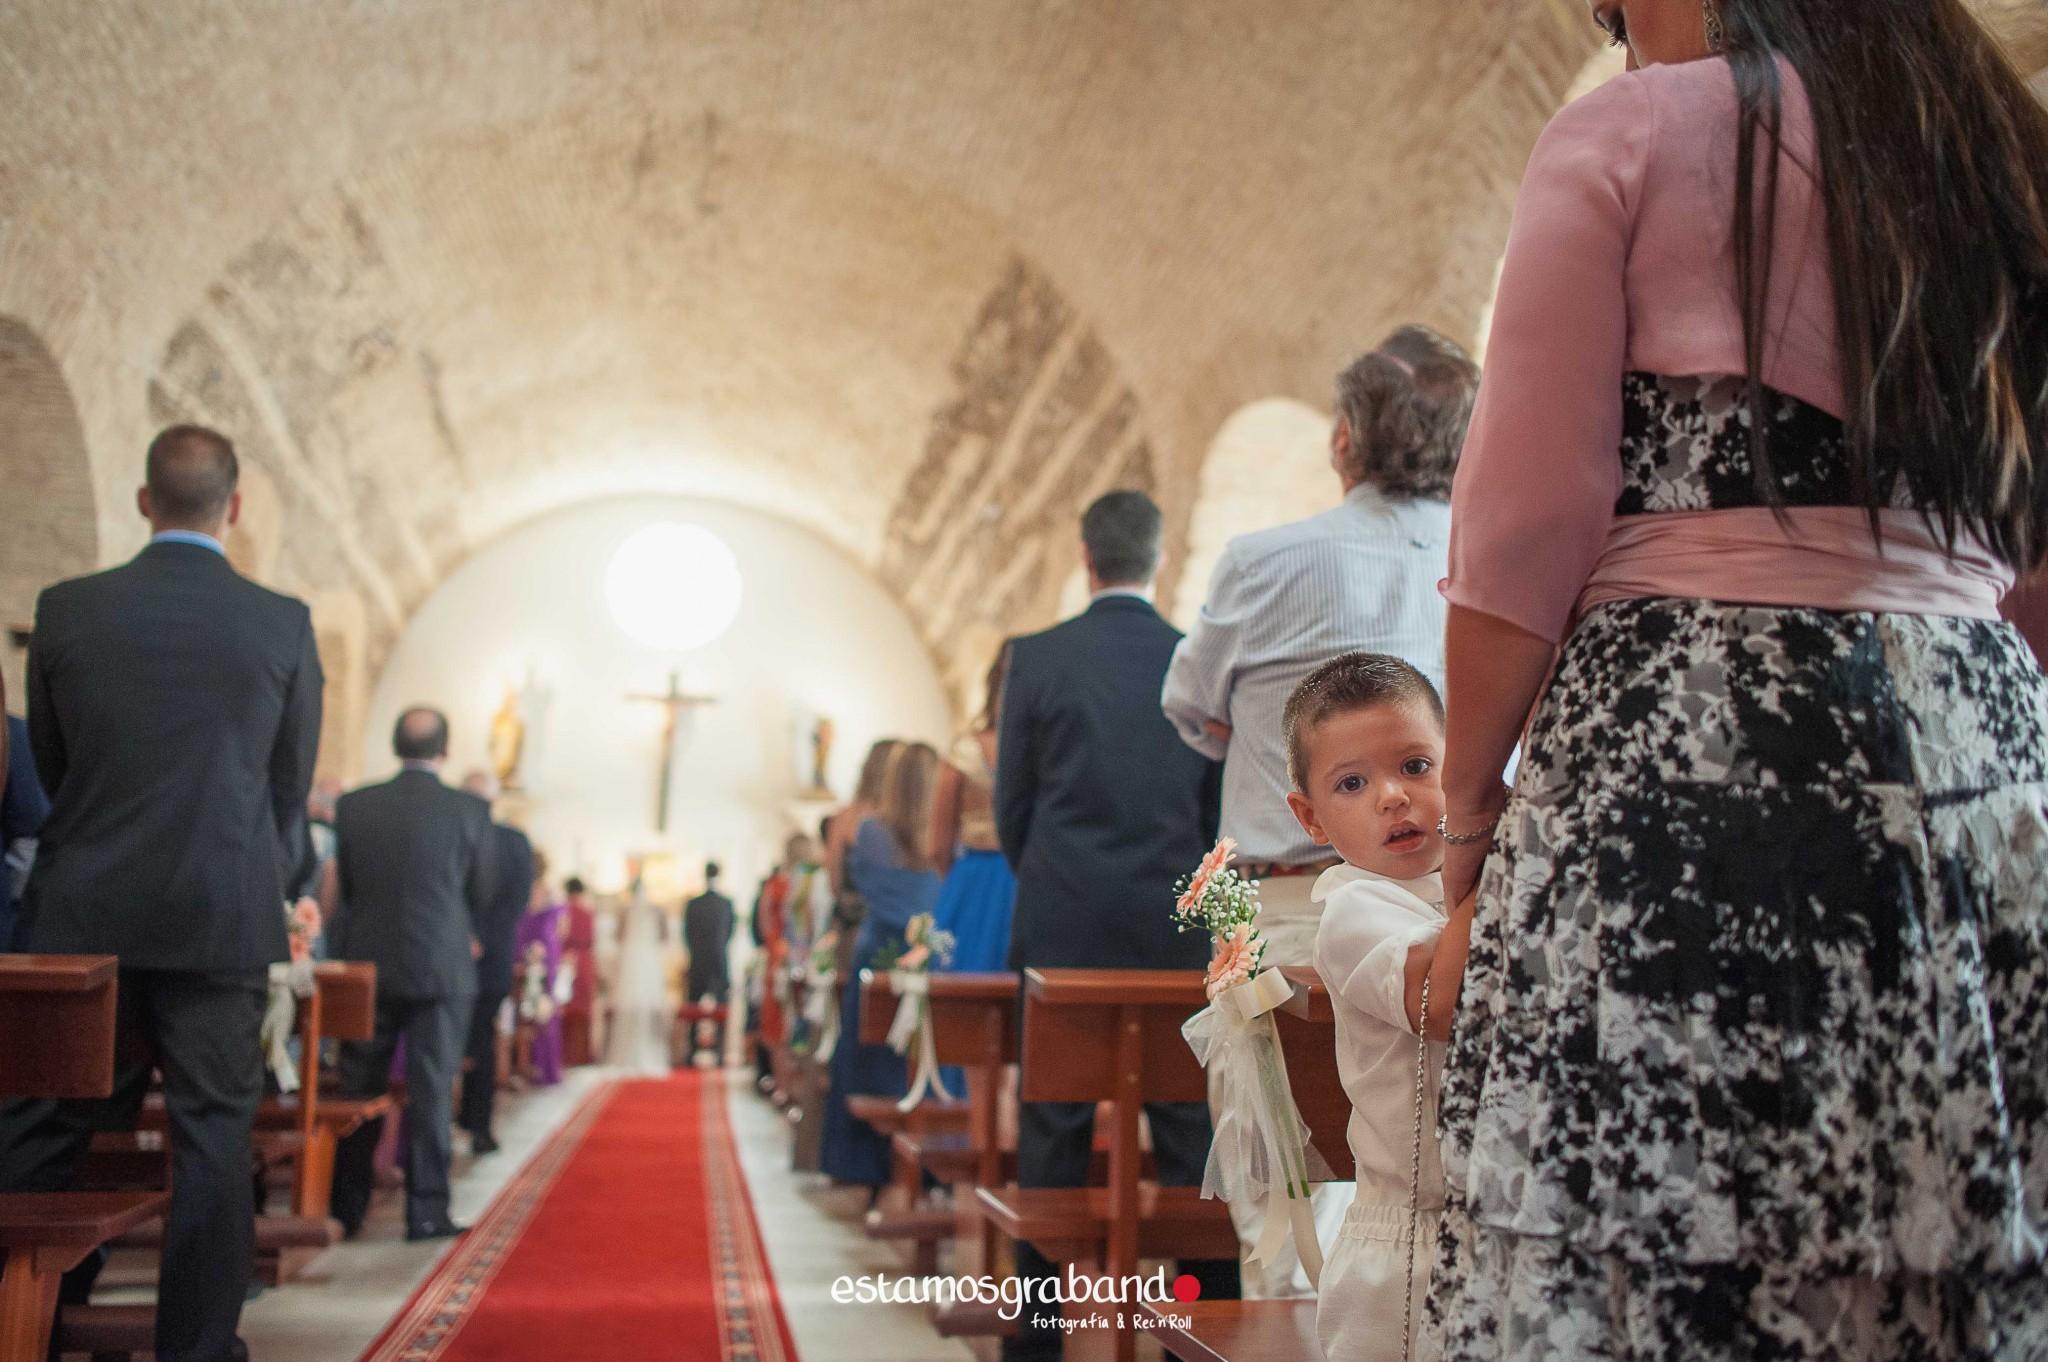 boda-en-chiclana_sonia-y-diego_fotograficc81a-de-boda-42 Zahara Sonia + Diego [Fotografía de Boda en Zahara] - video boda cadiz